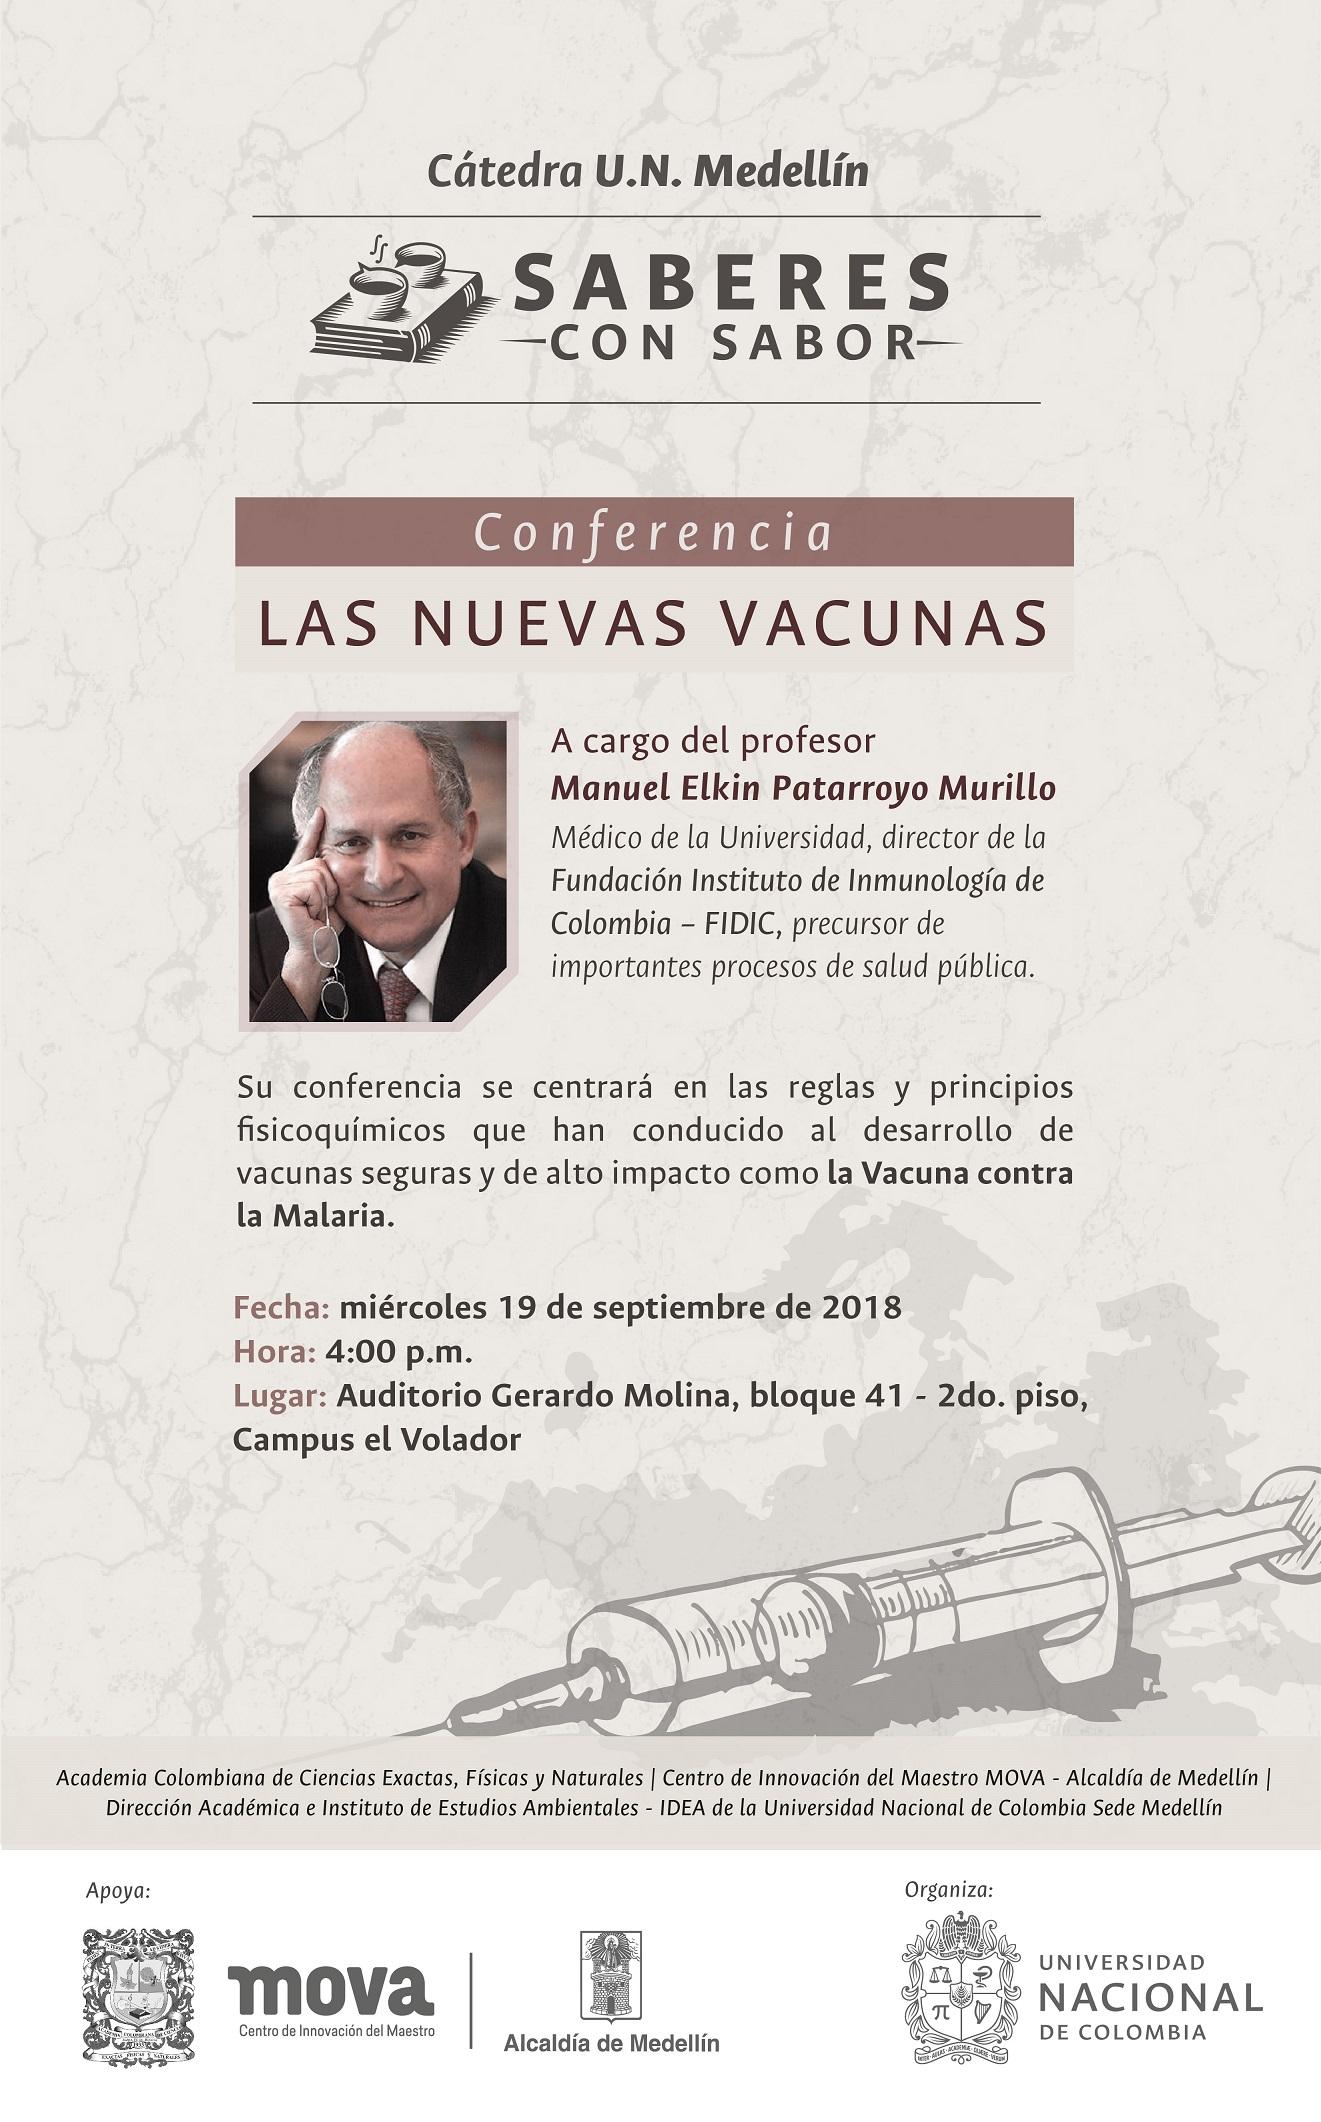 Conferencia «Las nuevas vacunas» (Manuel Elkin Patarroyo Murillo)